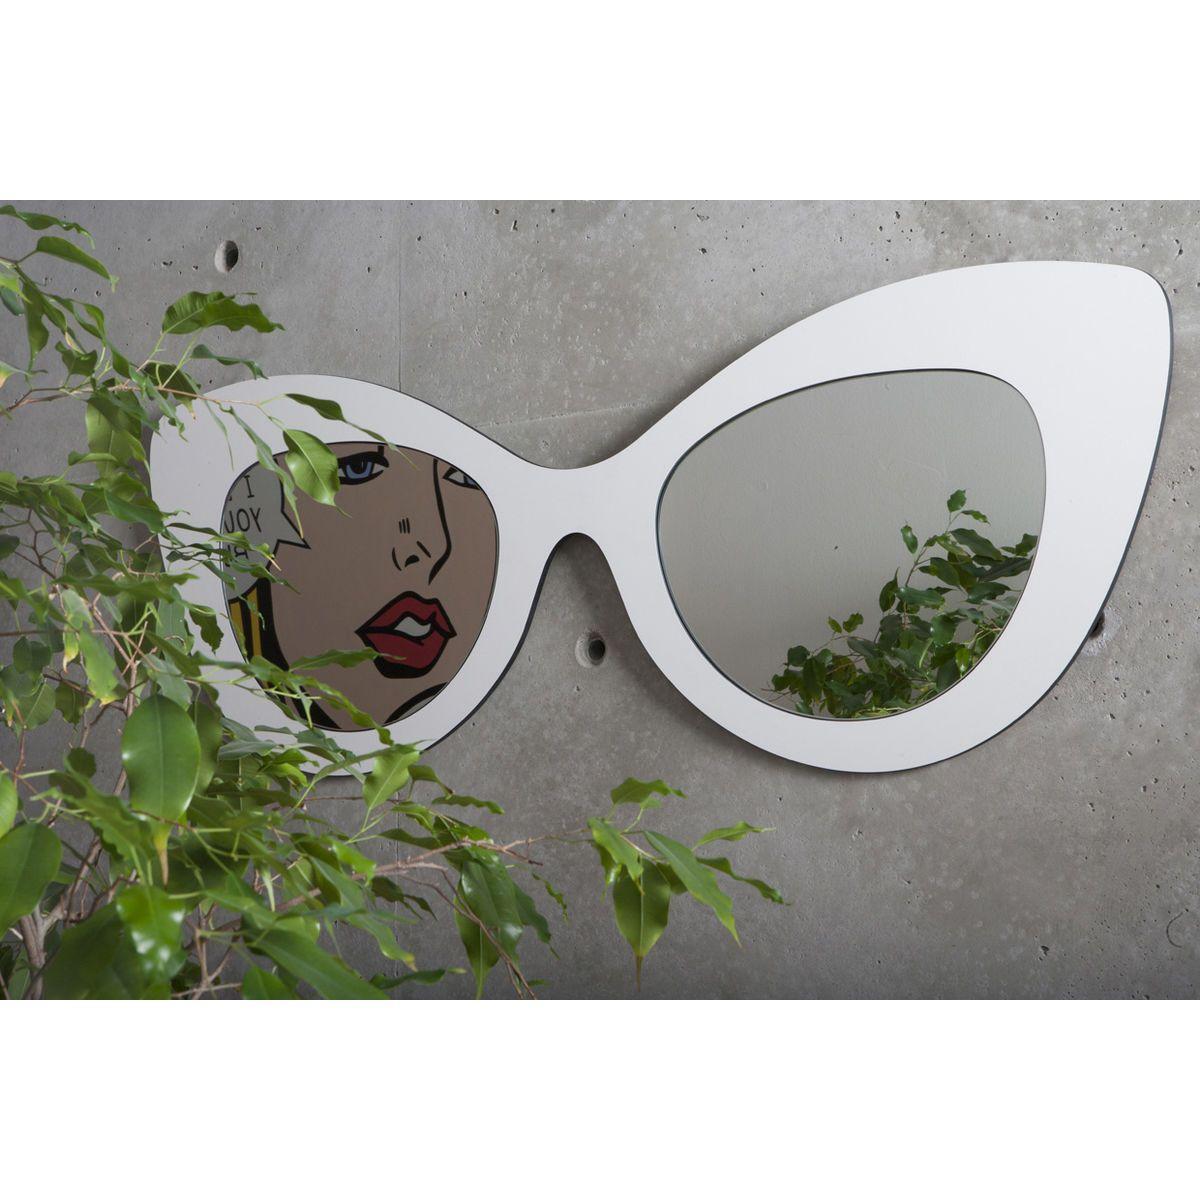 Specchio doppio a forma di occhiale femminile con montatura di colore bianco ispirato alla moda hollywoodiana anni 60